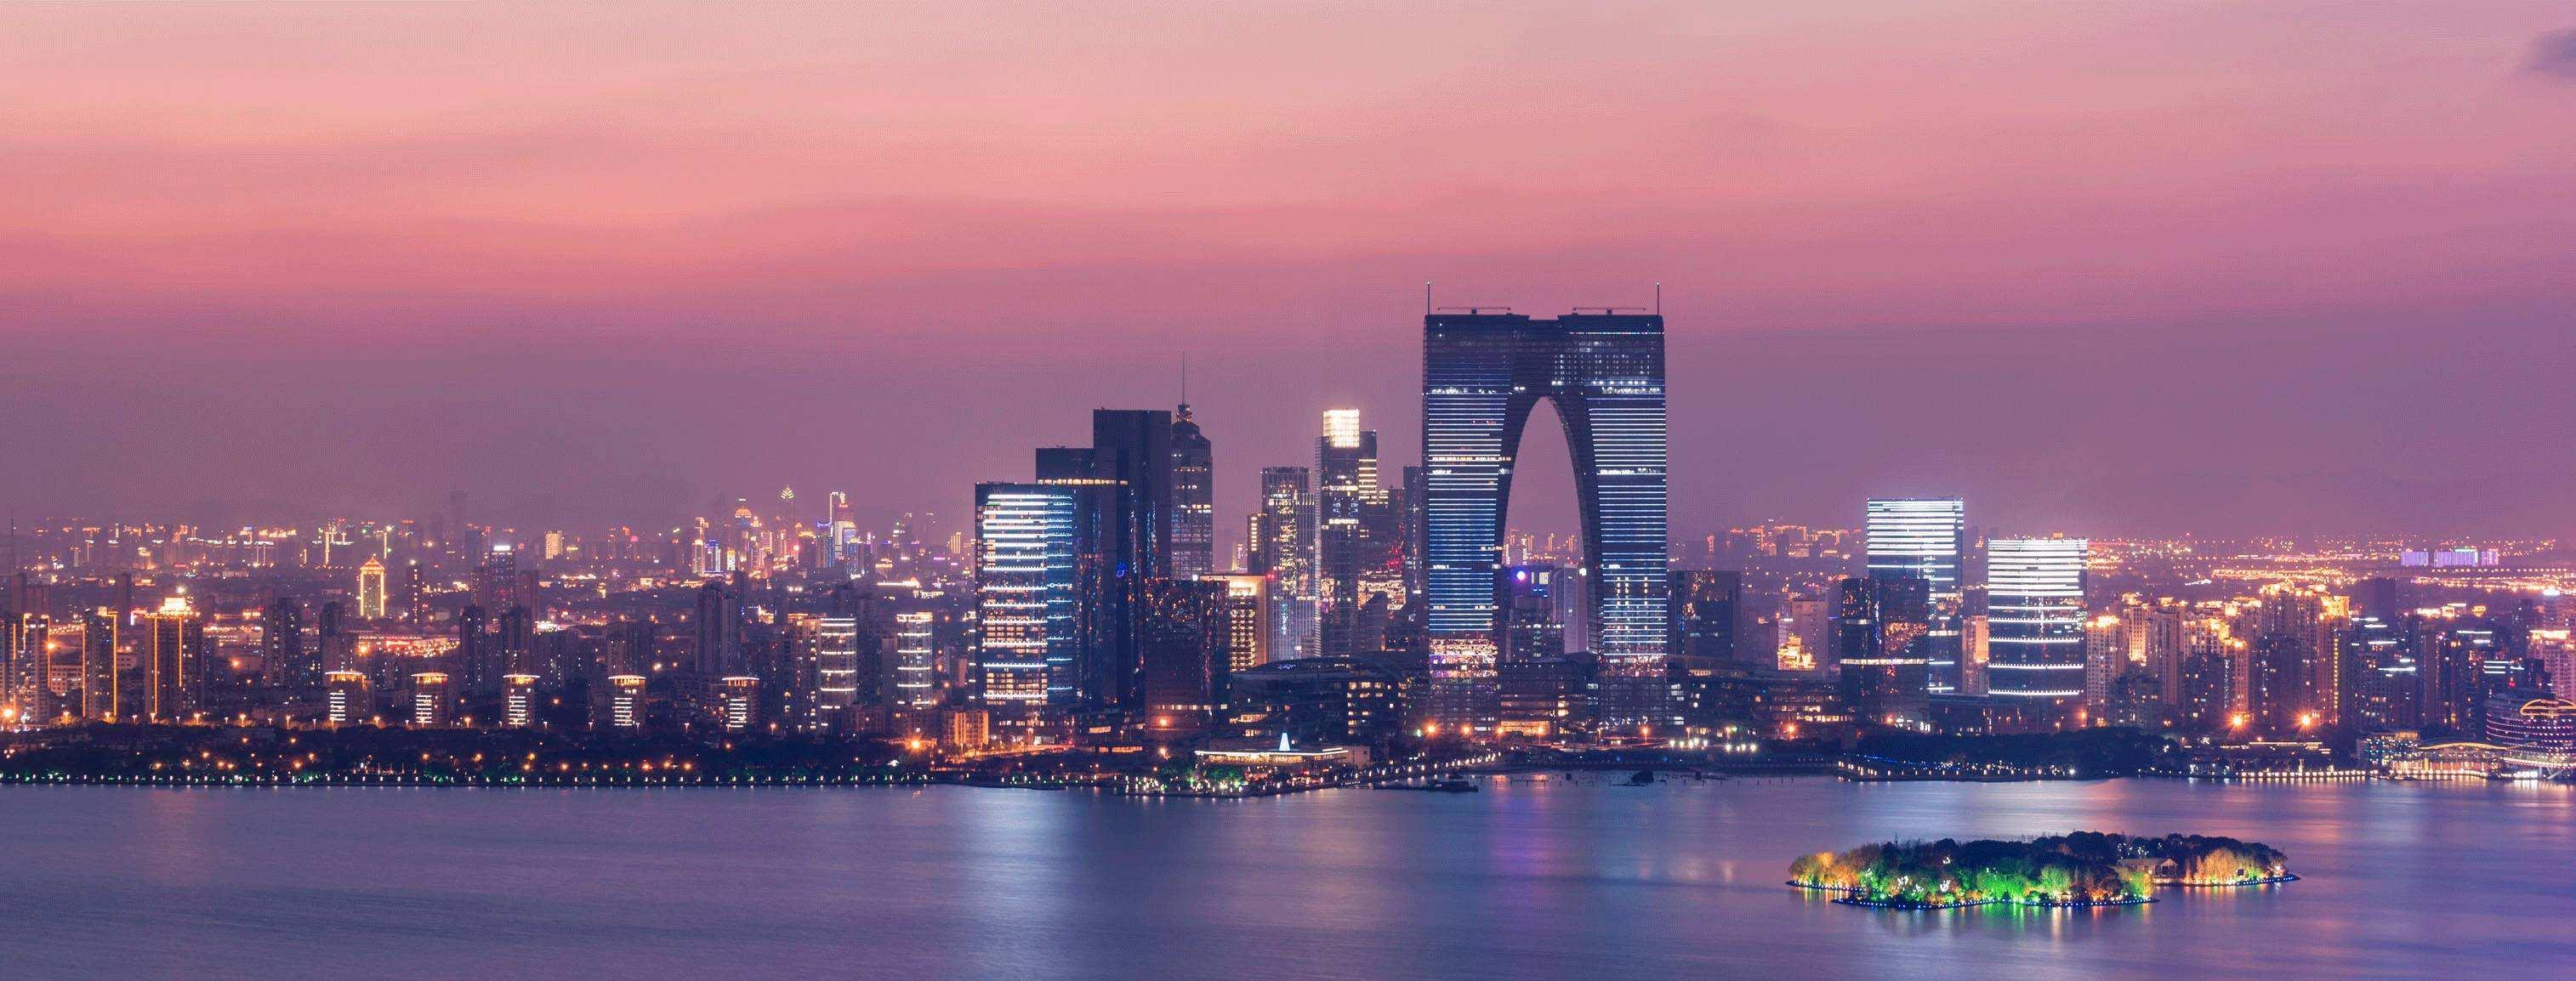 江苏南通通州湾经济开发区